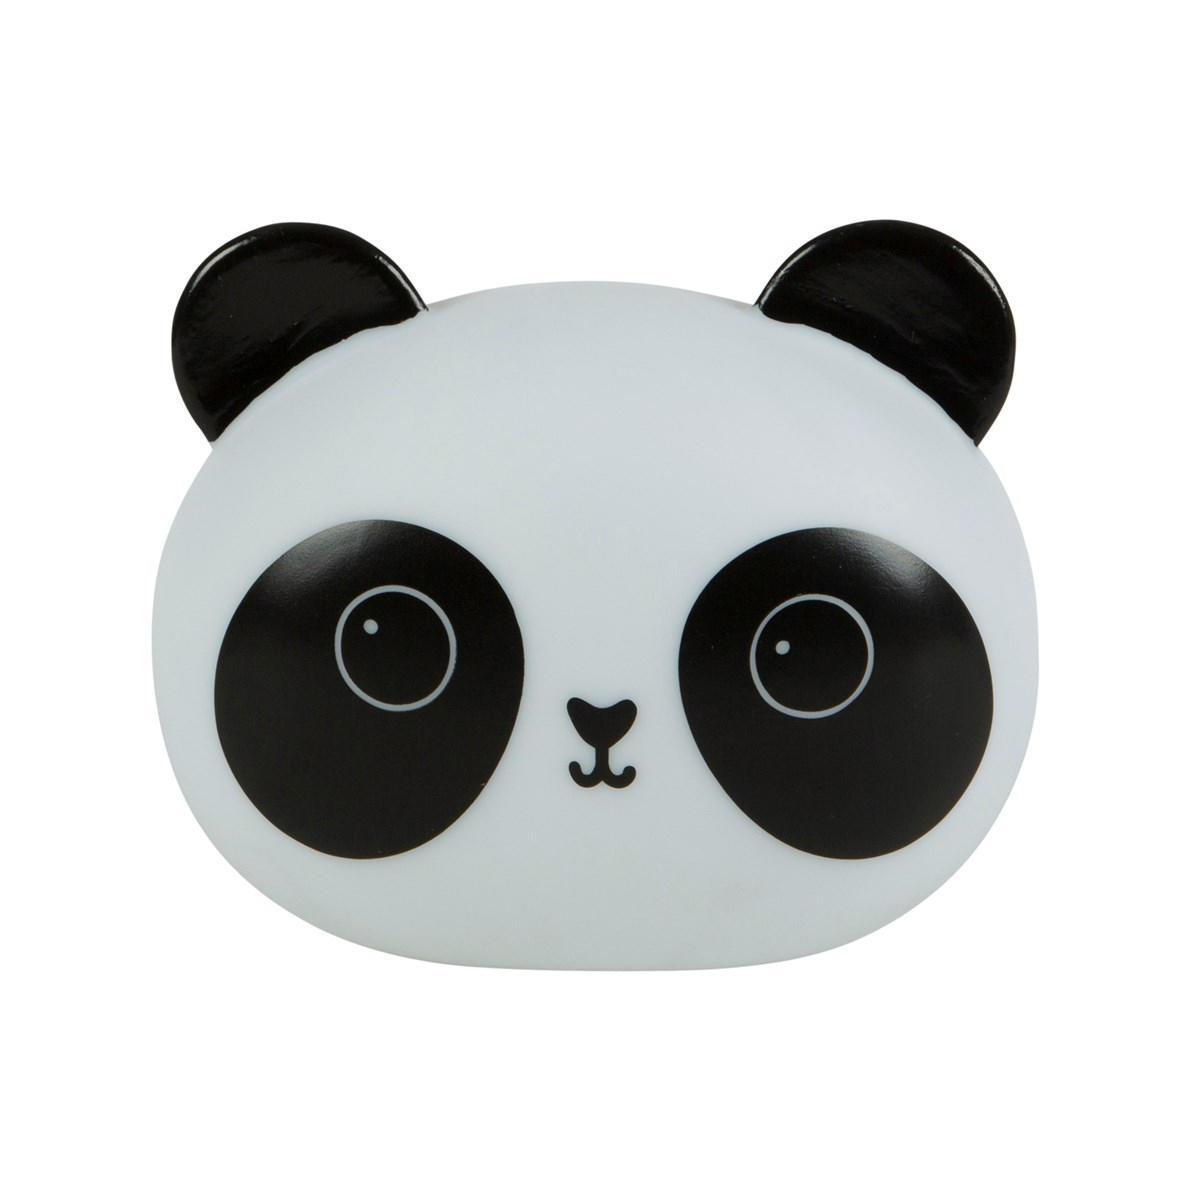 sass & belle Dětská noční LED lampička Panda, černá barva, bílá barva, plast